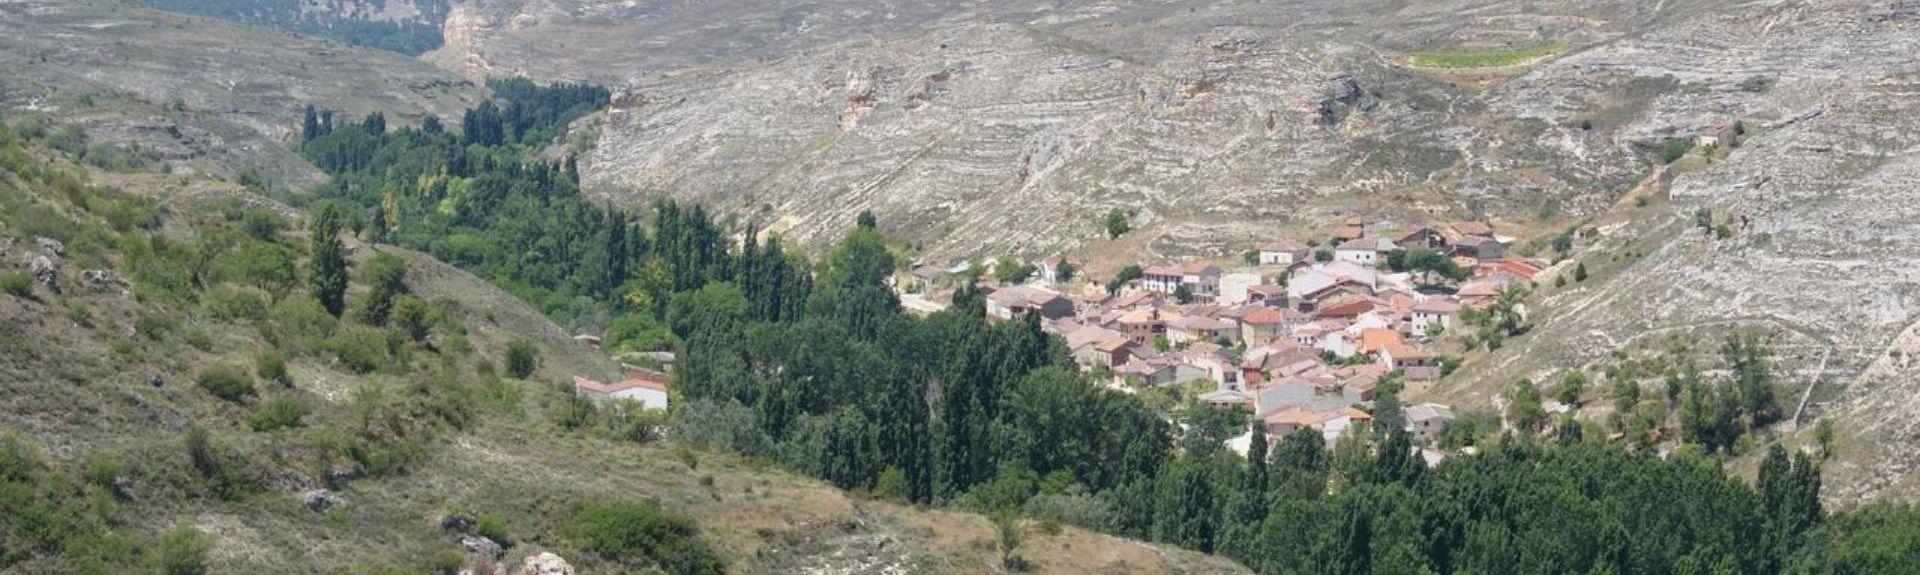 Andatura, Carrascal del Rio, Castilla y León, Spania